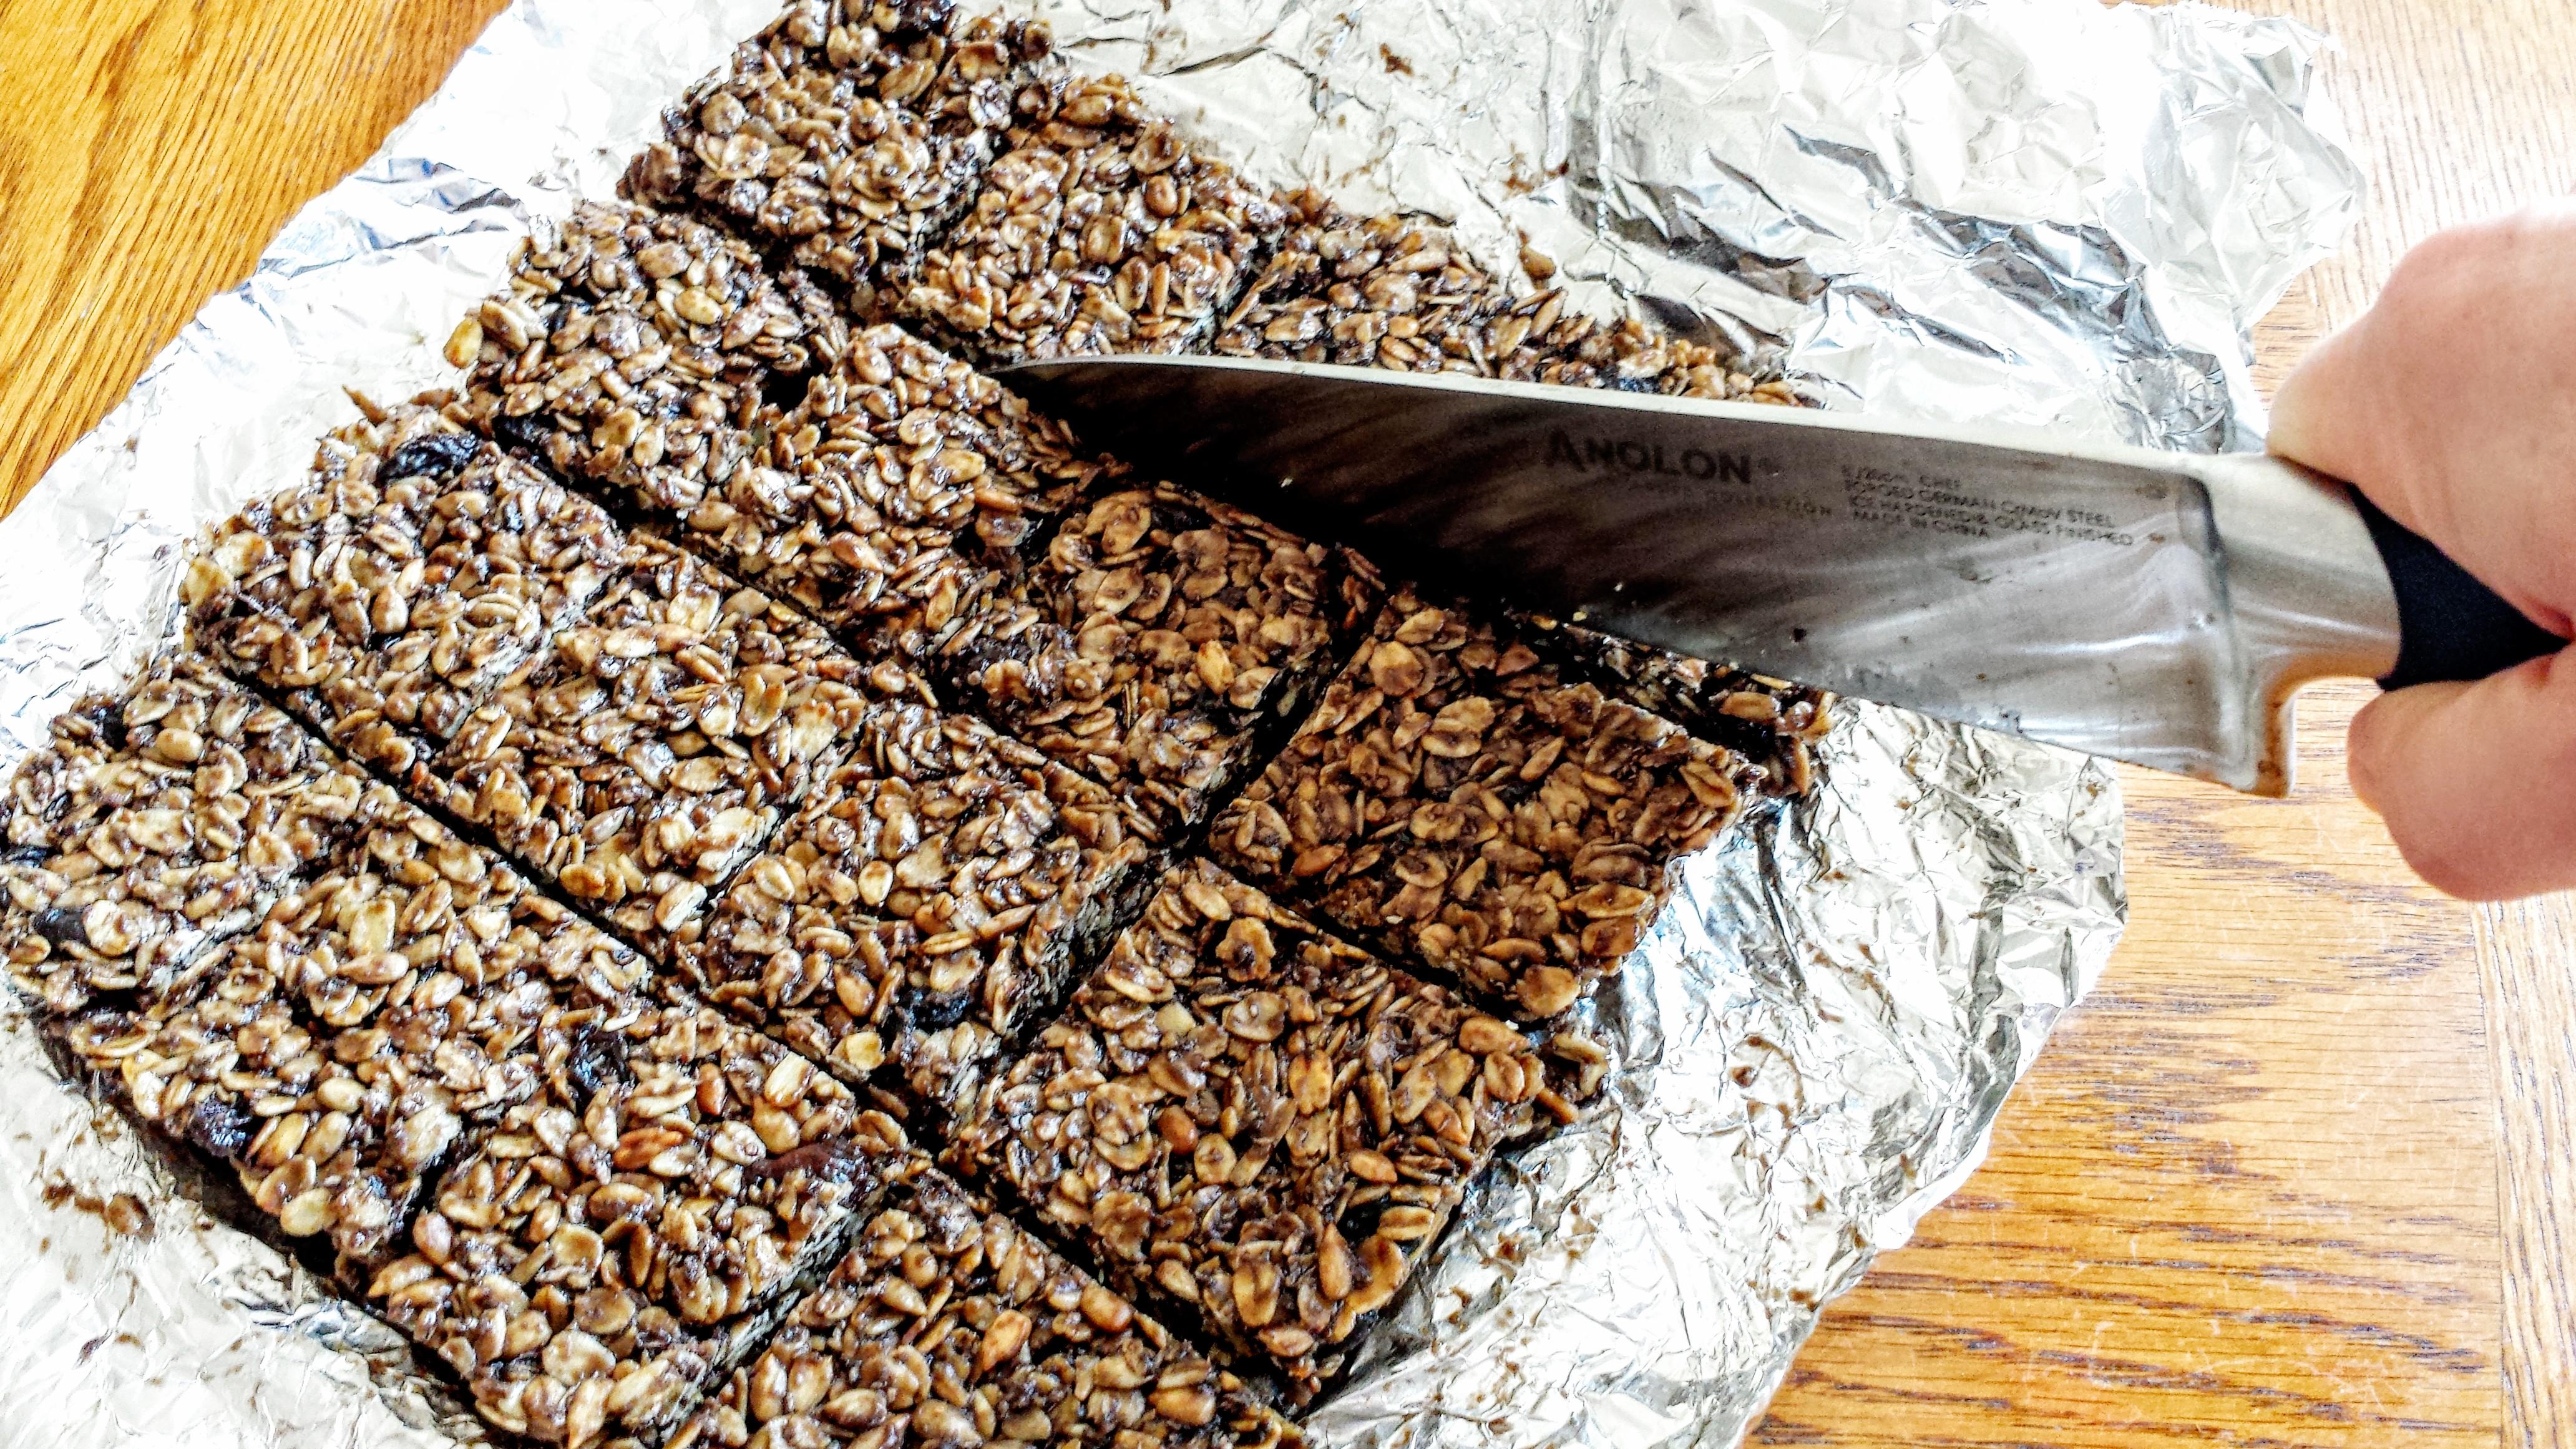 Mamacado_SunButter Granola Bar Review Blog Post 4